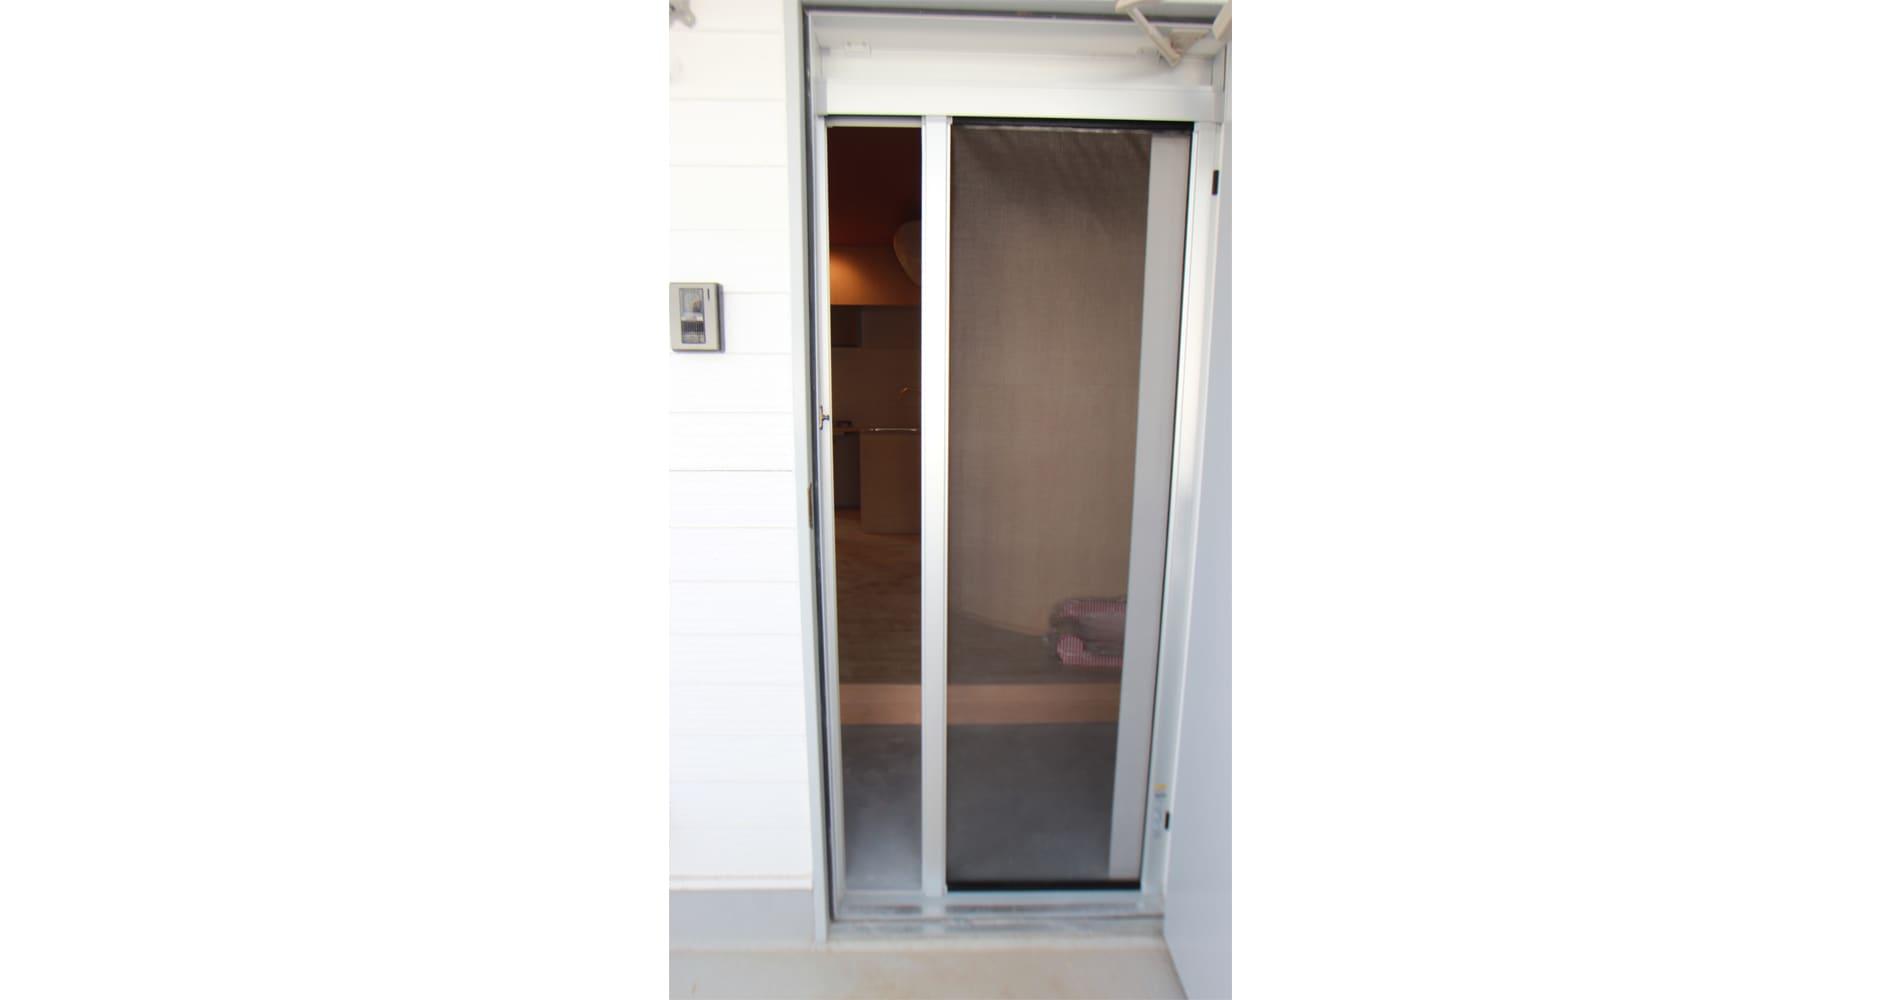 脱走防止の2重ドア